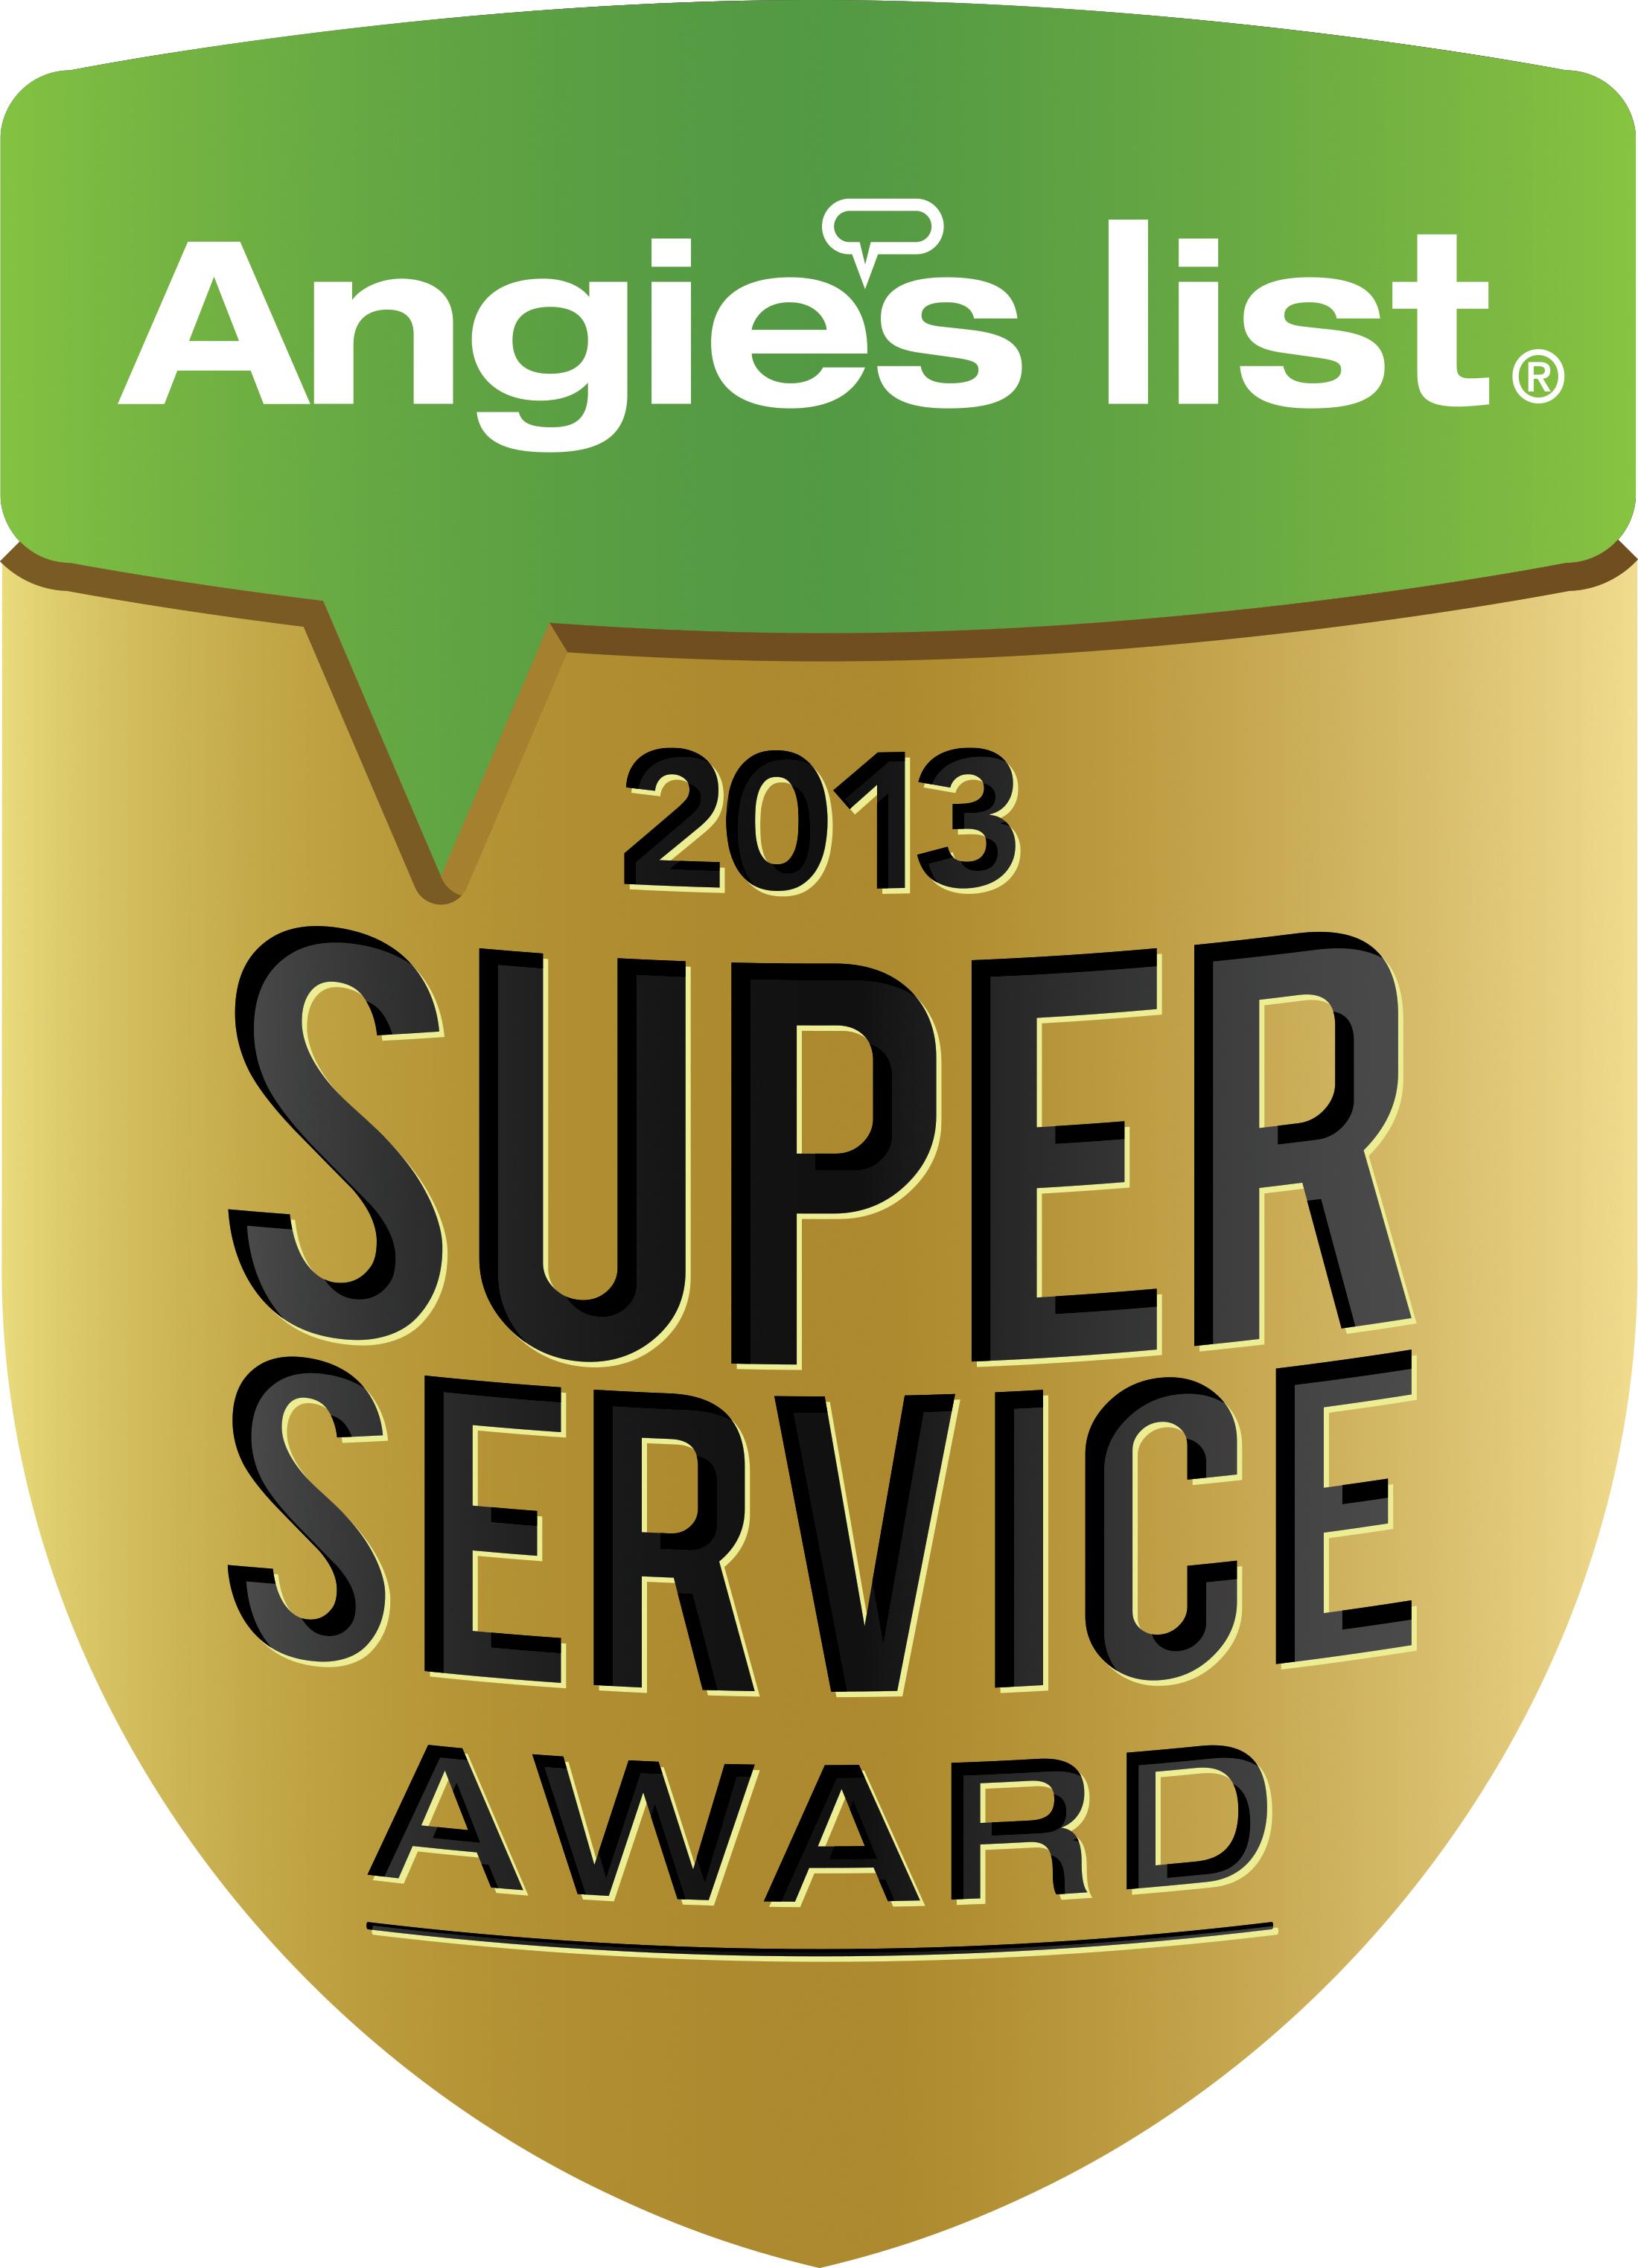 Angies List Super Award